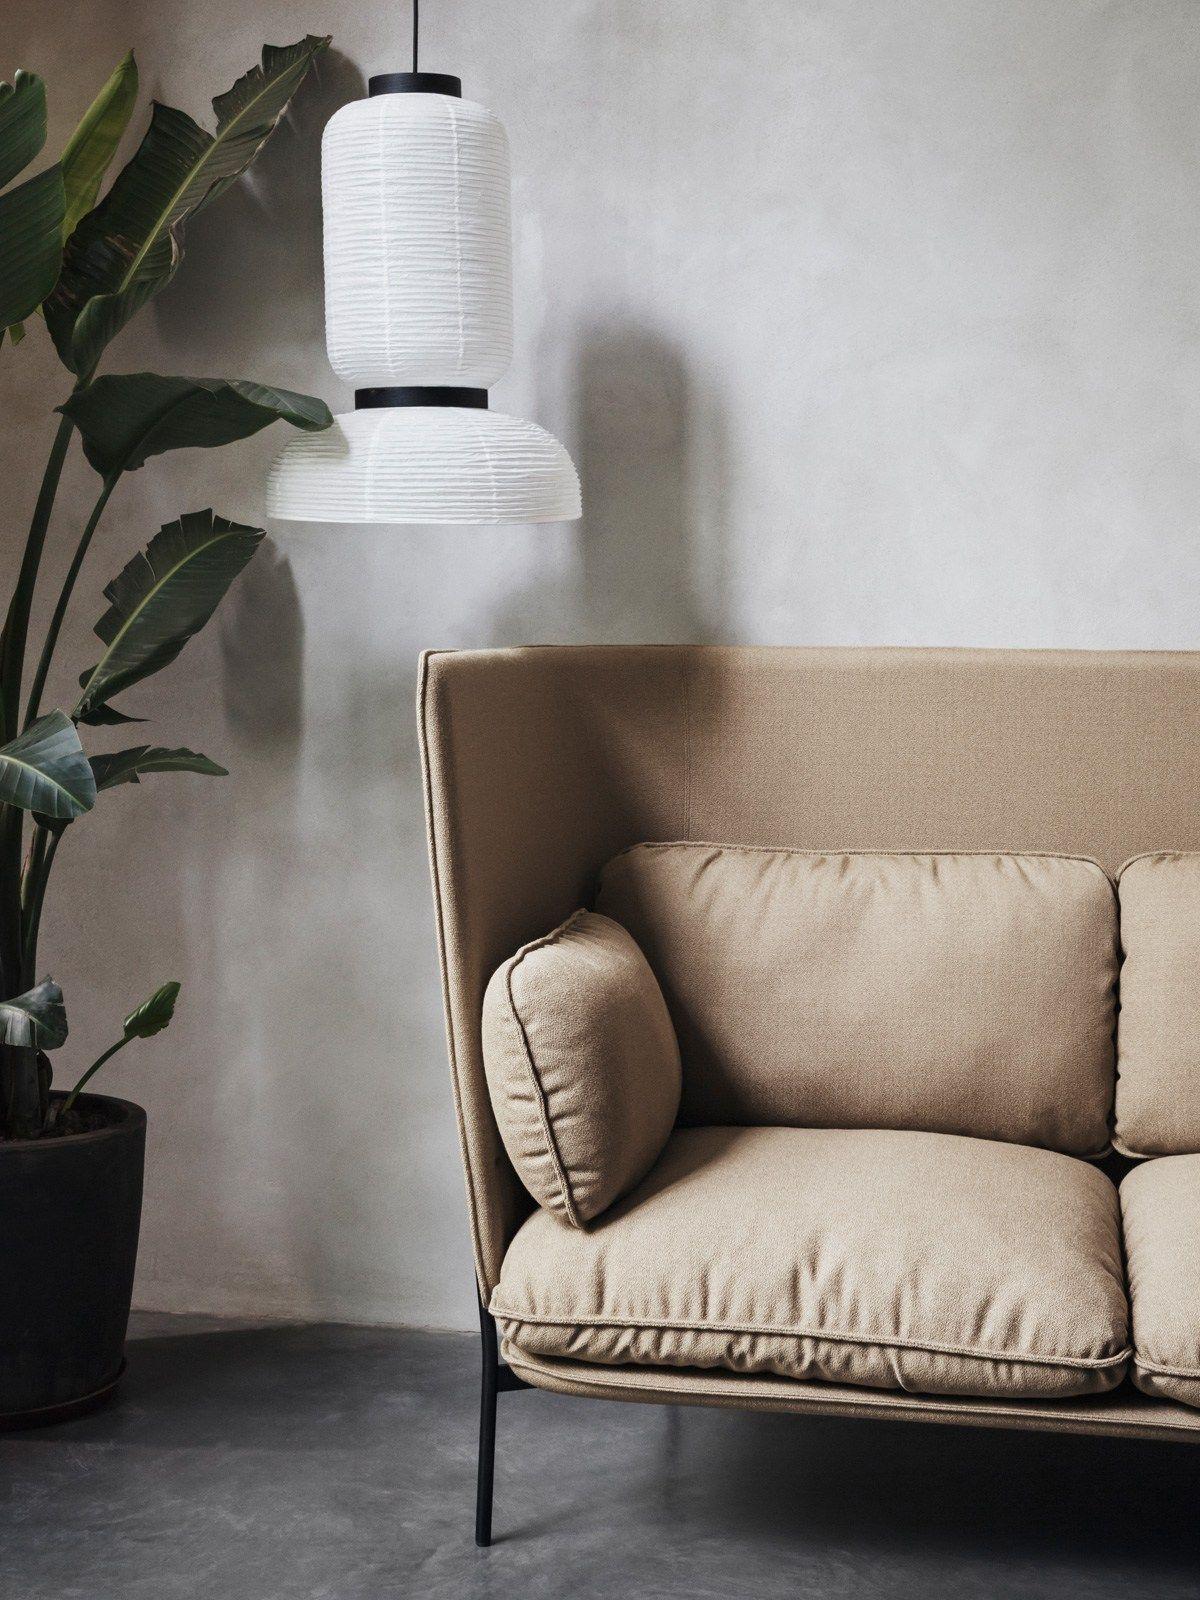 Formakami Von U0026tradition Bei DesignOrt Berlin #Papierlampe #lamp #Wohnzimmer